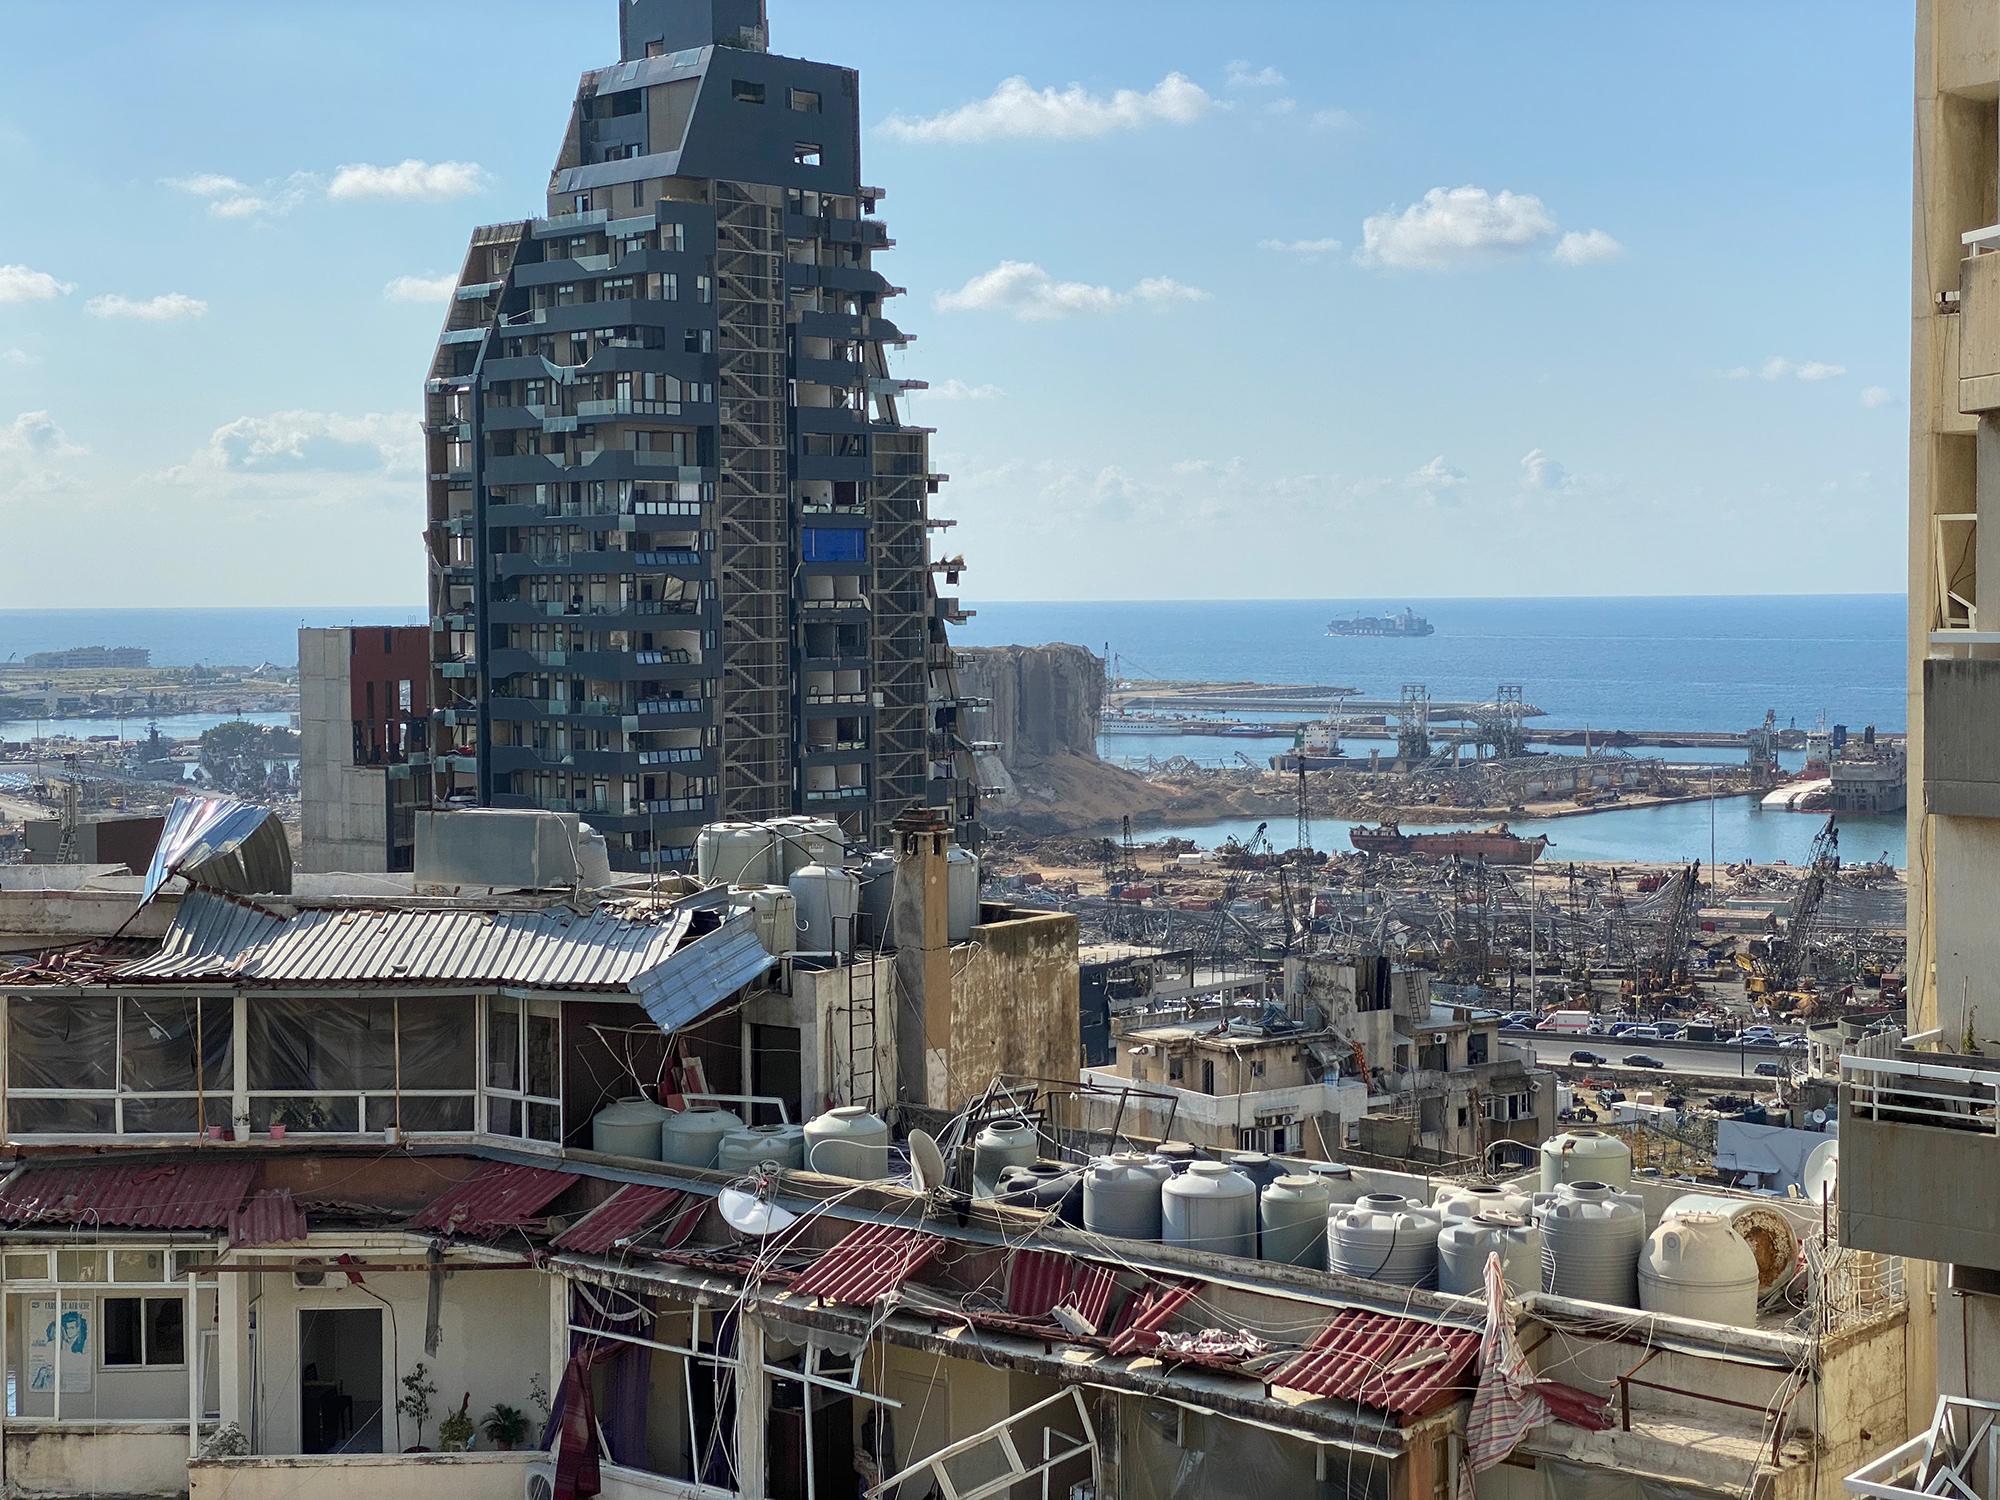 Hanna Resch sucht ihren Freund Hassan. Er lebt in Beirut – Schauplatz der katastrophalen Explosion am 4. August  2020 (im Bild der zerstörte Hafen, wo sie früher ganz in der Nähe wohnte). Als er nicht auf ihre Whatsapps reagiert, macht sie sich auf den Weg nach Beirut und trifft alte Bekannte, die mitten in Trümmern vor einem schier unmöglichen Neuanfang stehen. (Foto: Hanna Resch)